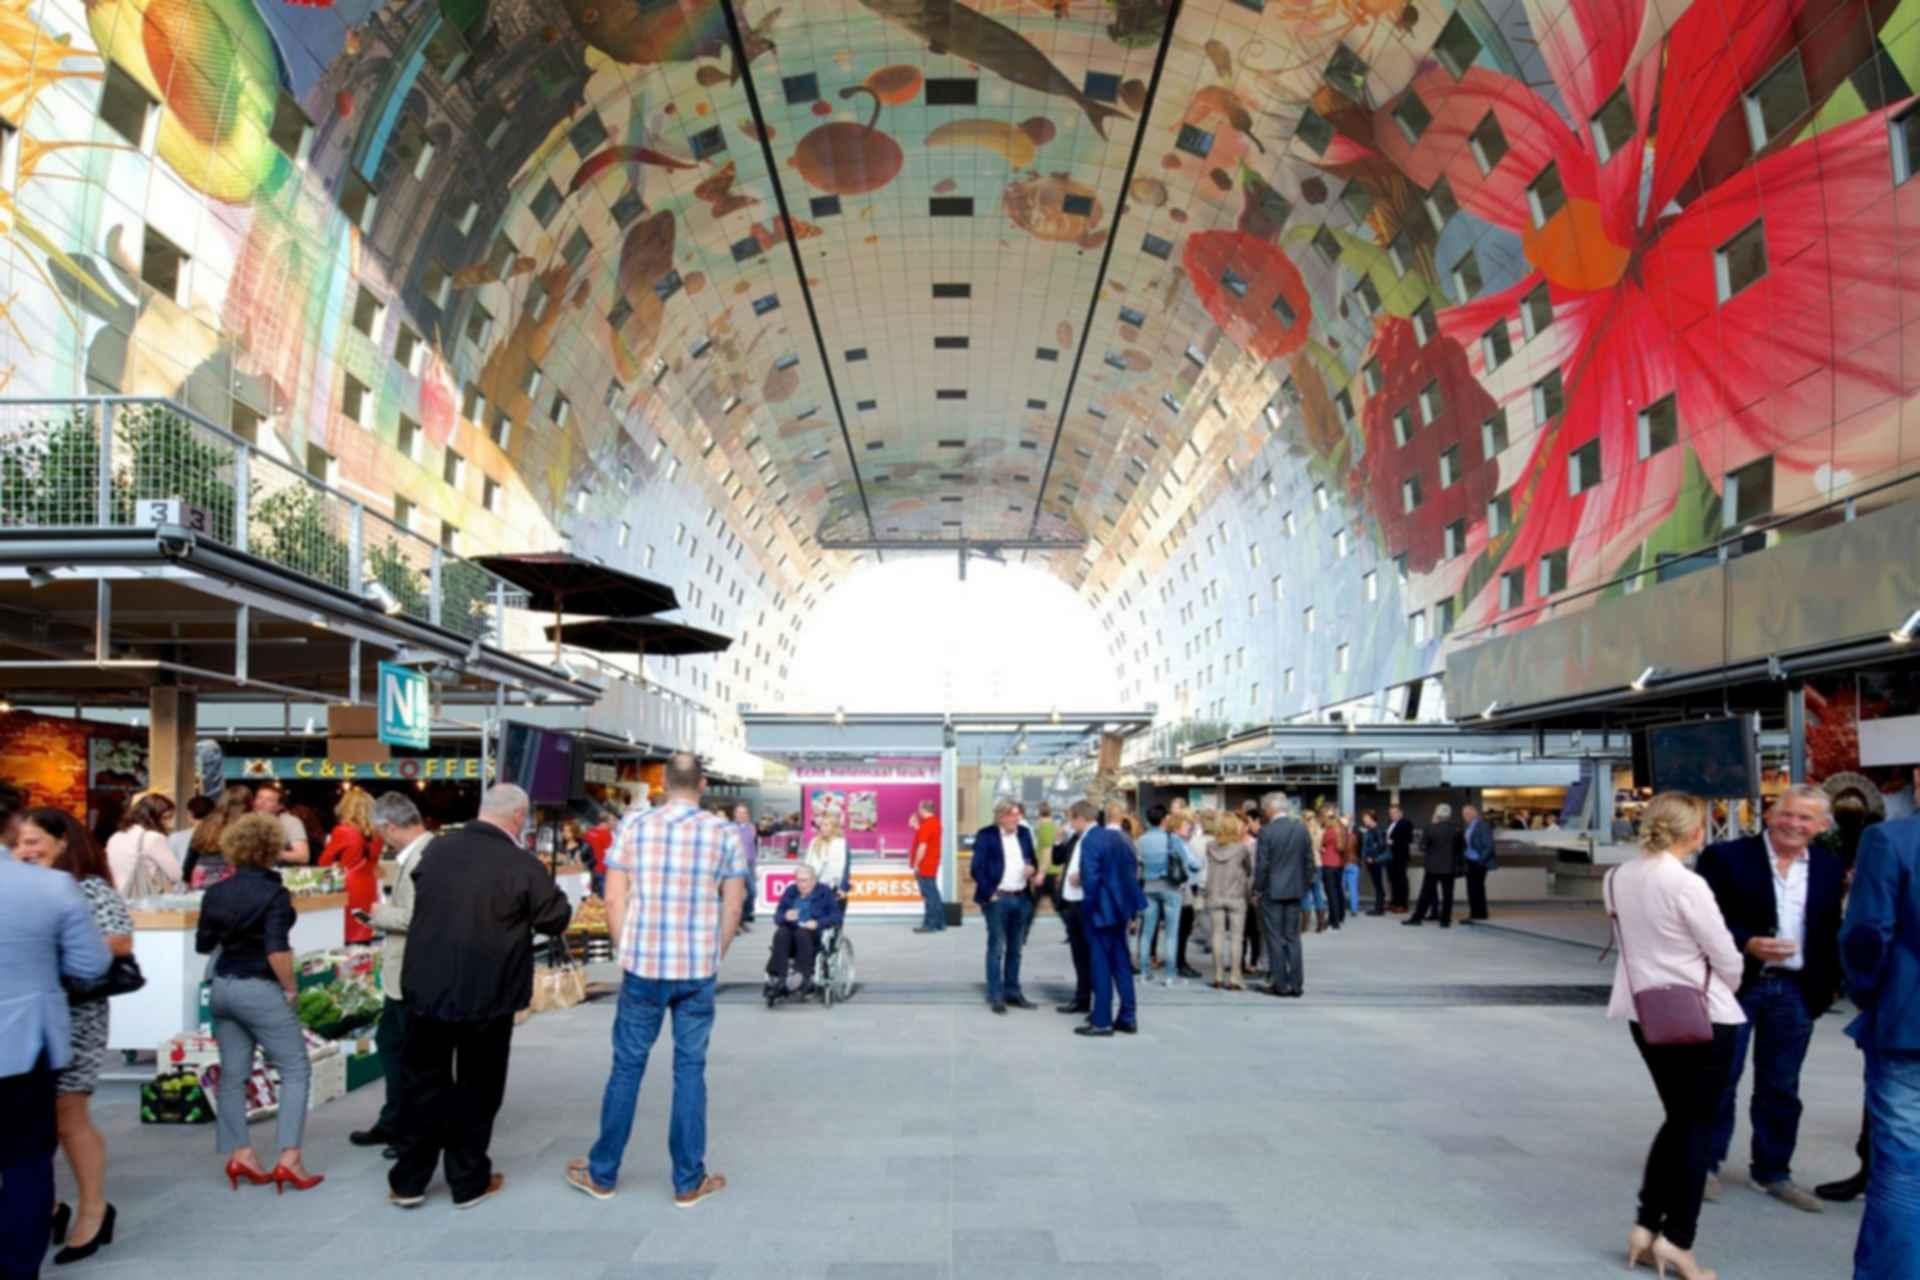 Markthal - interior market